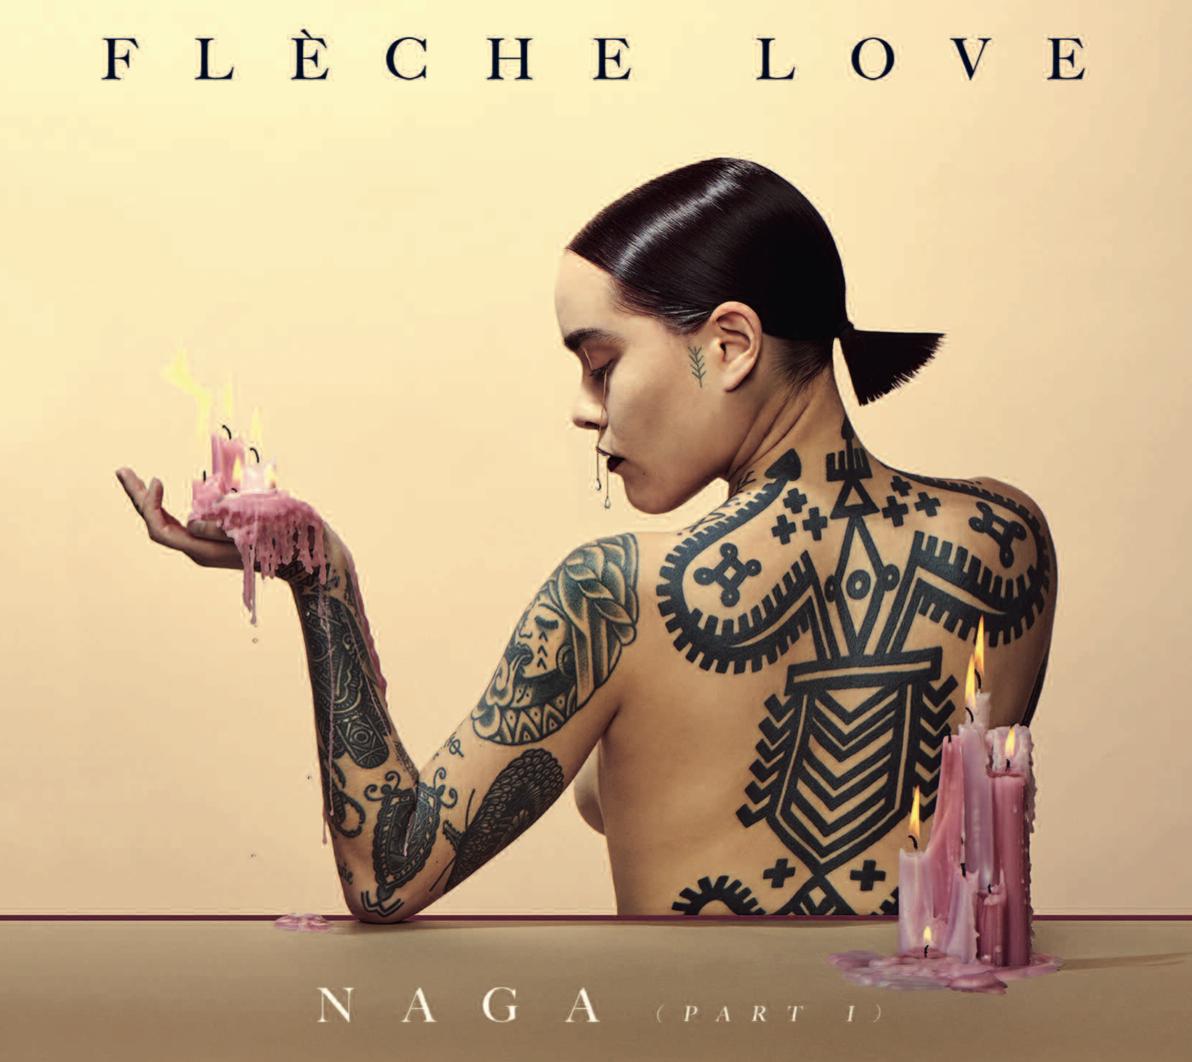 FLECHE LOVE - NAGA (part I)